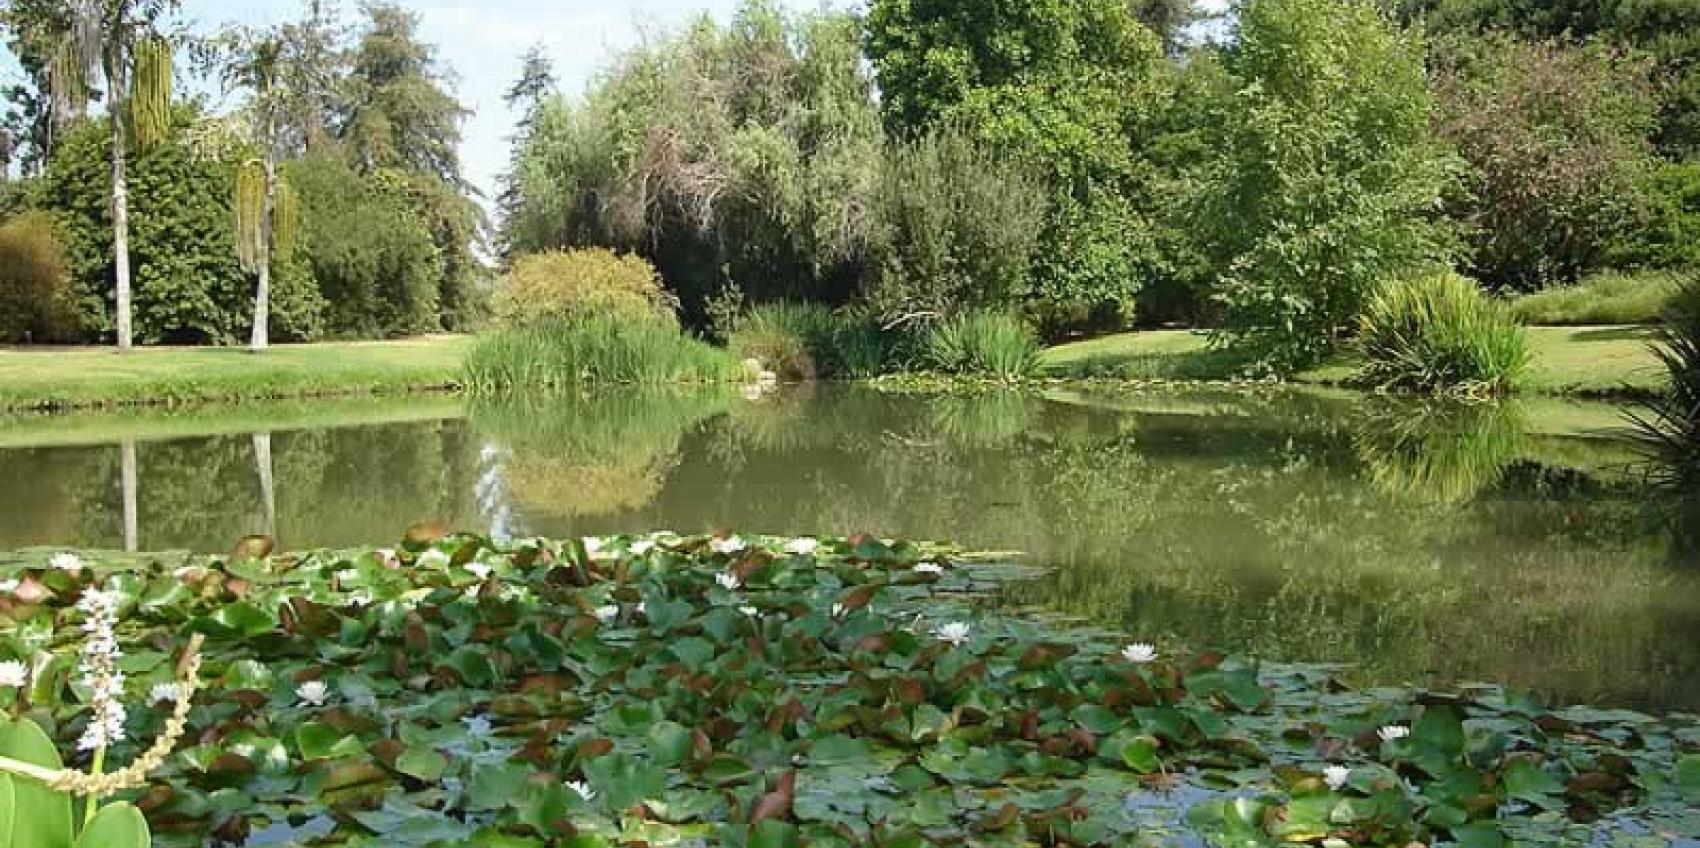 Fullerton Arboretum American Public Gardens Association